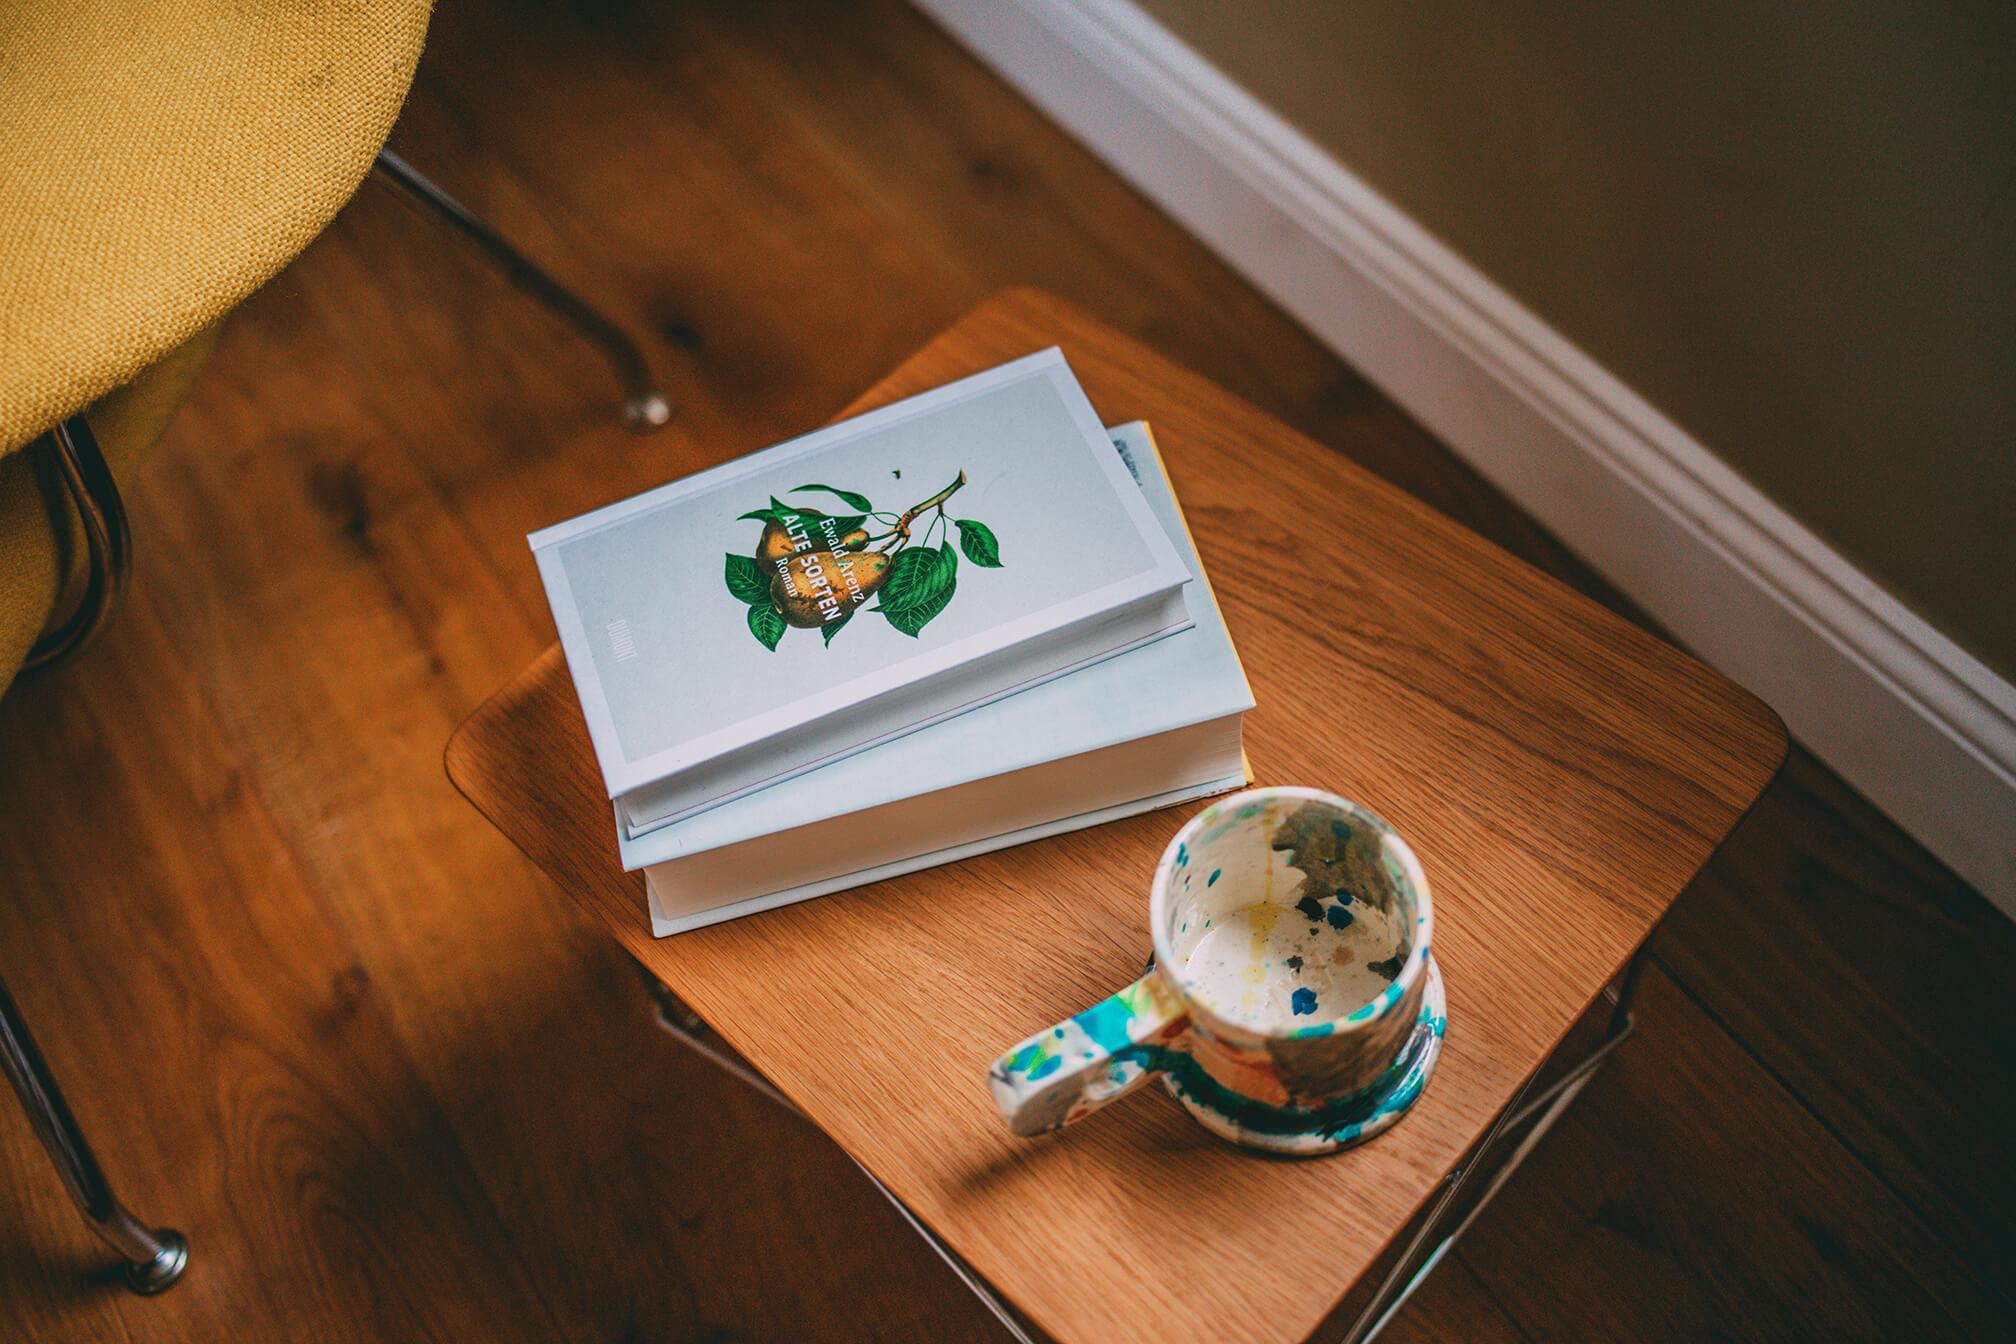 Buch und Tasse auf Tisch